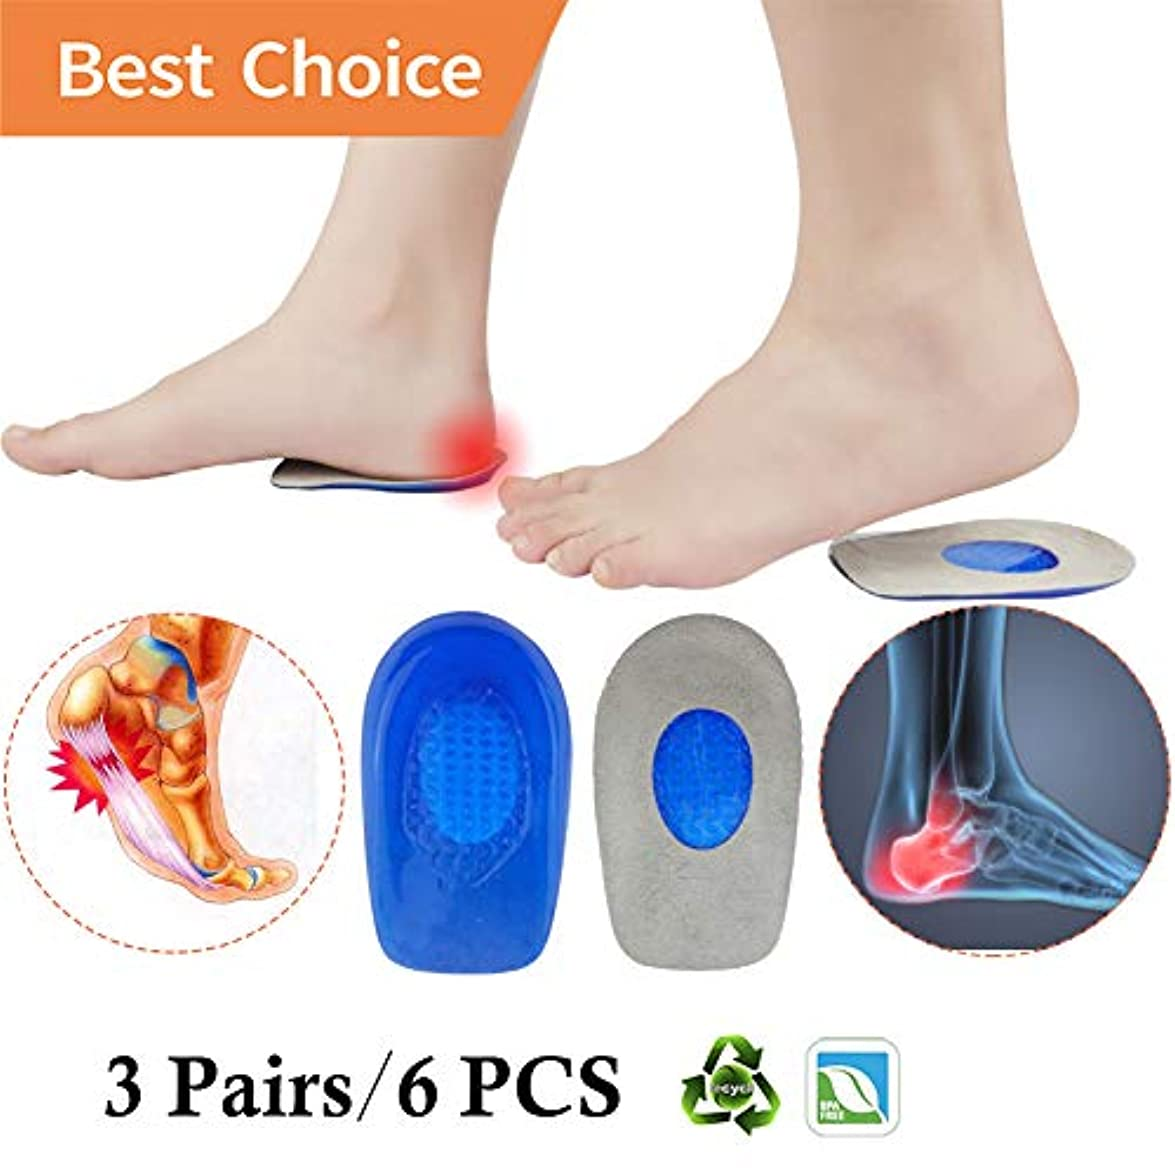 足底筋膜炎インサート かかと中敷き ヒールカップ ゲル ヒールパッド クッション (3ペア)ヒールインサート 踵の痛みに最適 アキレス腱炎 男女兼用